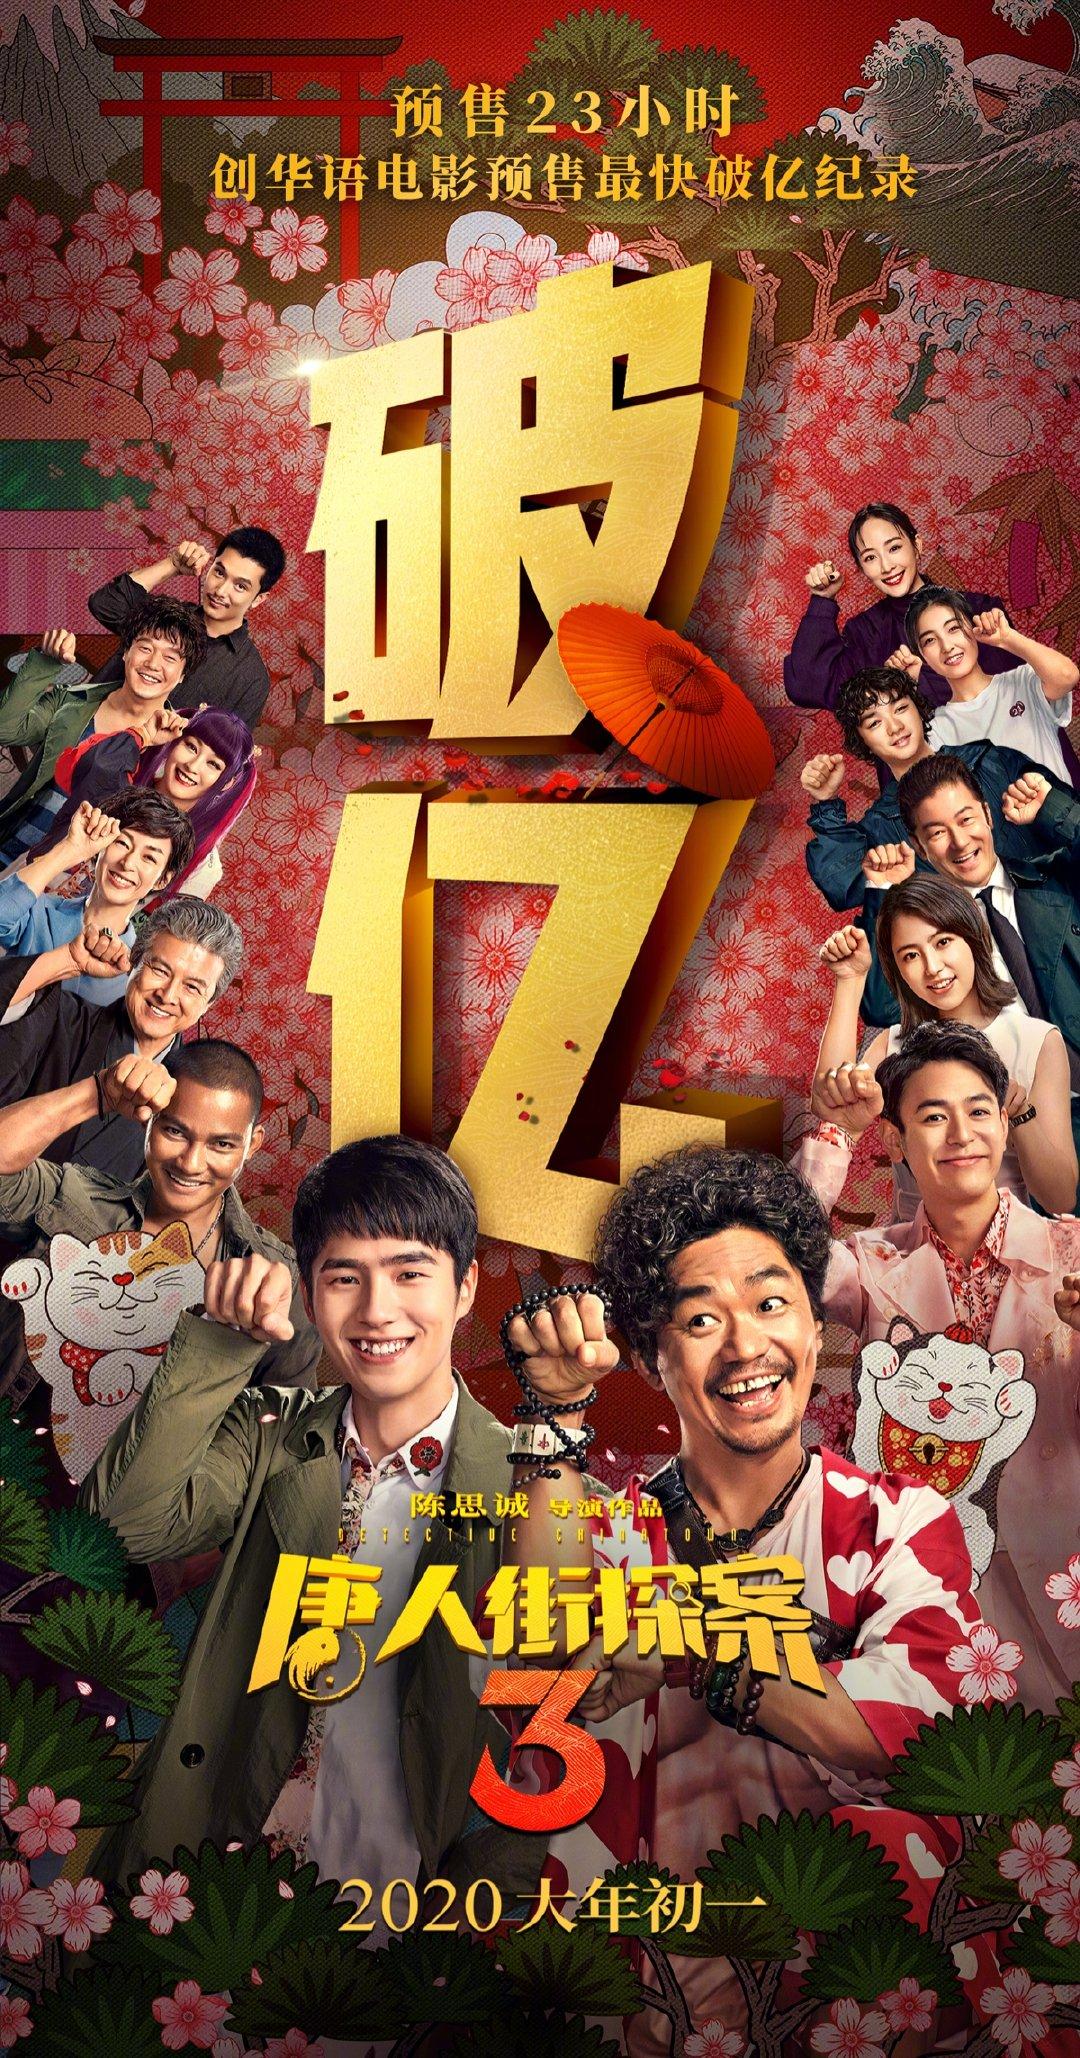 《唐探3》创华语电影预售最快破亿纪录